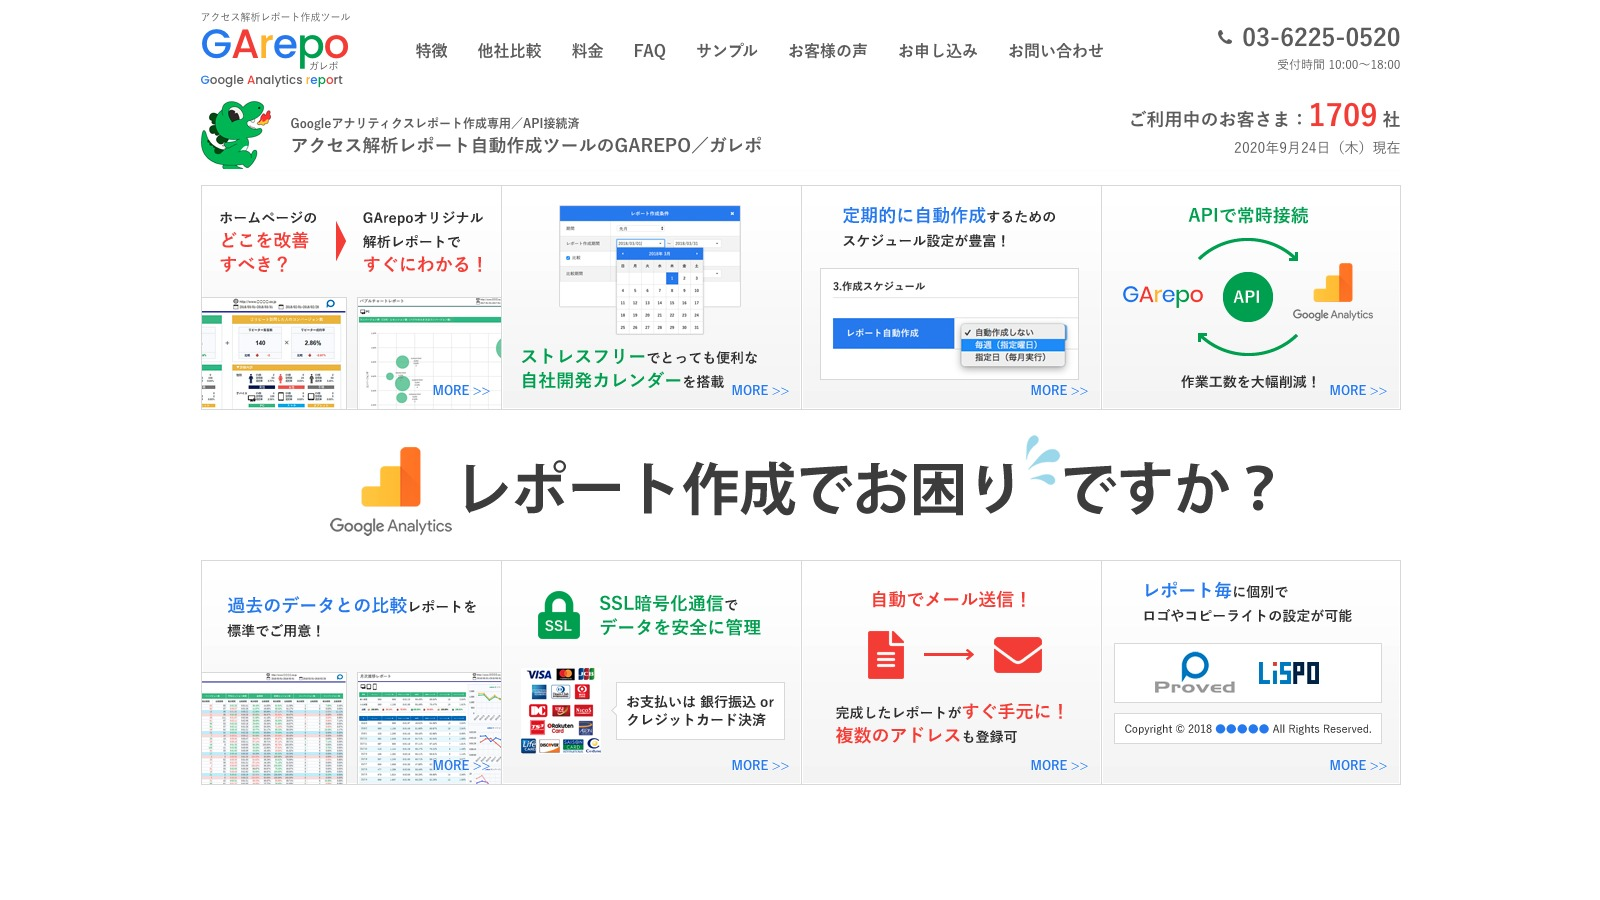 無料から有料まで!おすすめのホームページ用アクセス解析ツール10選